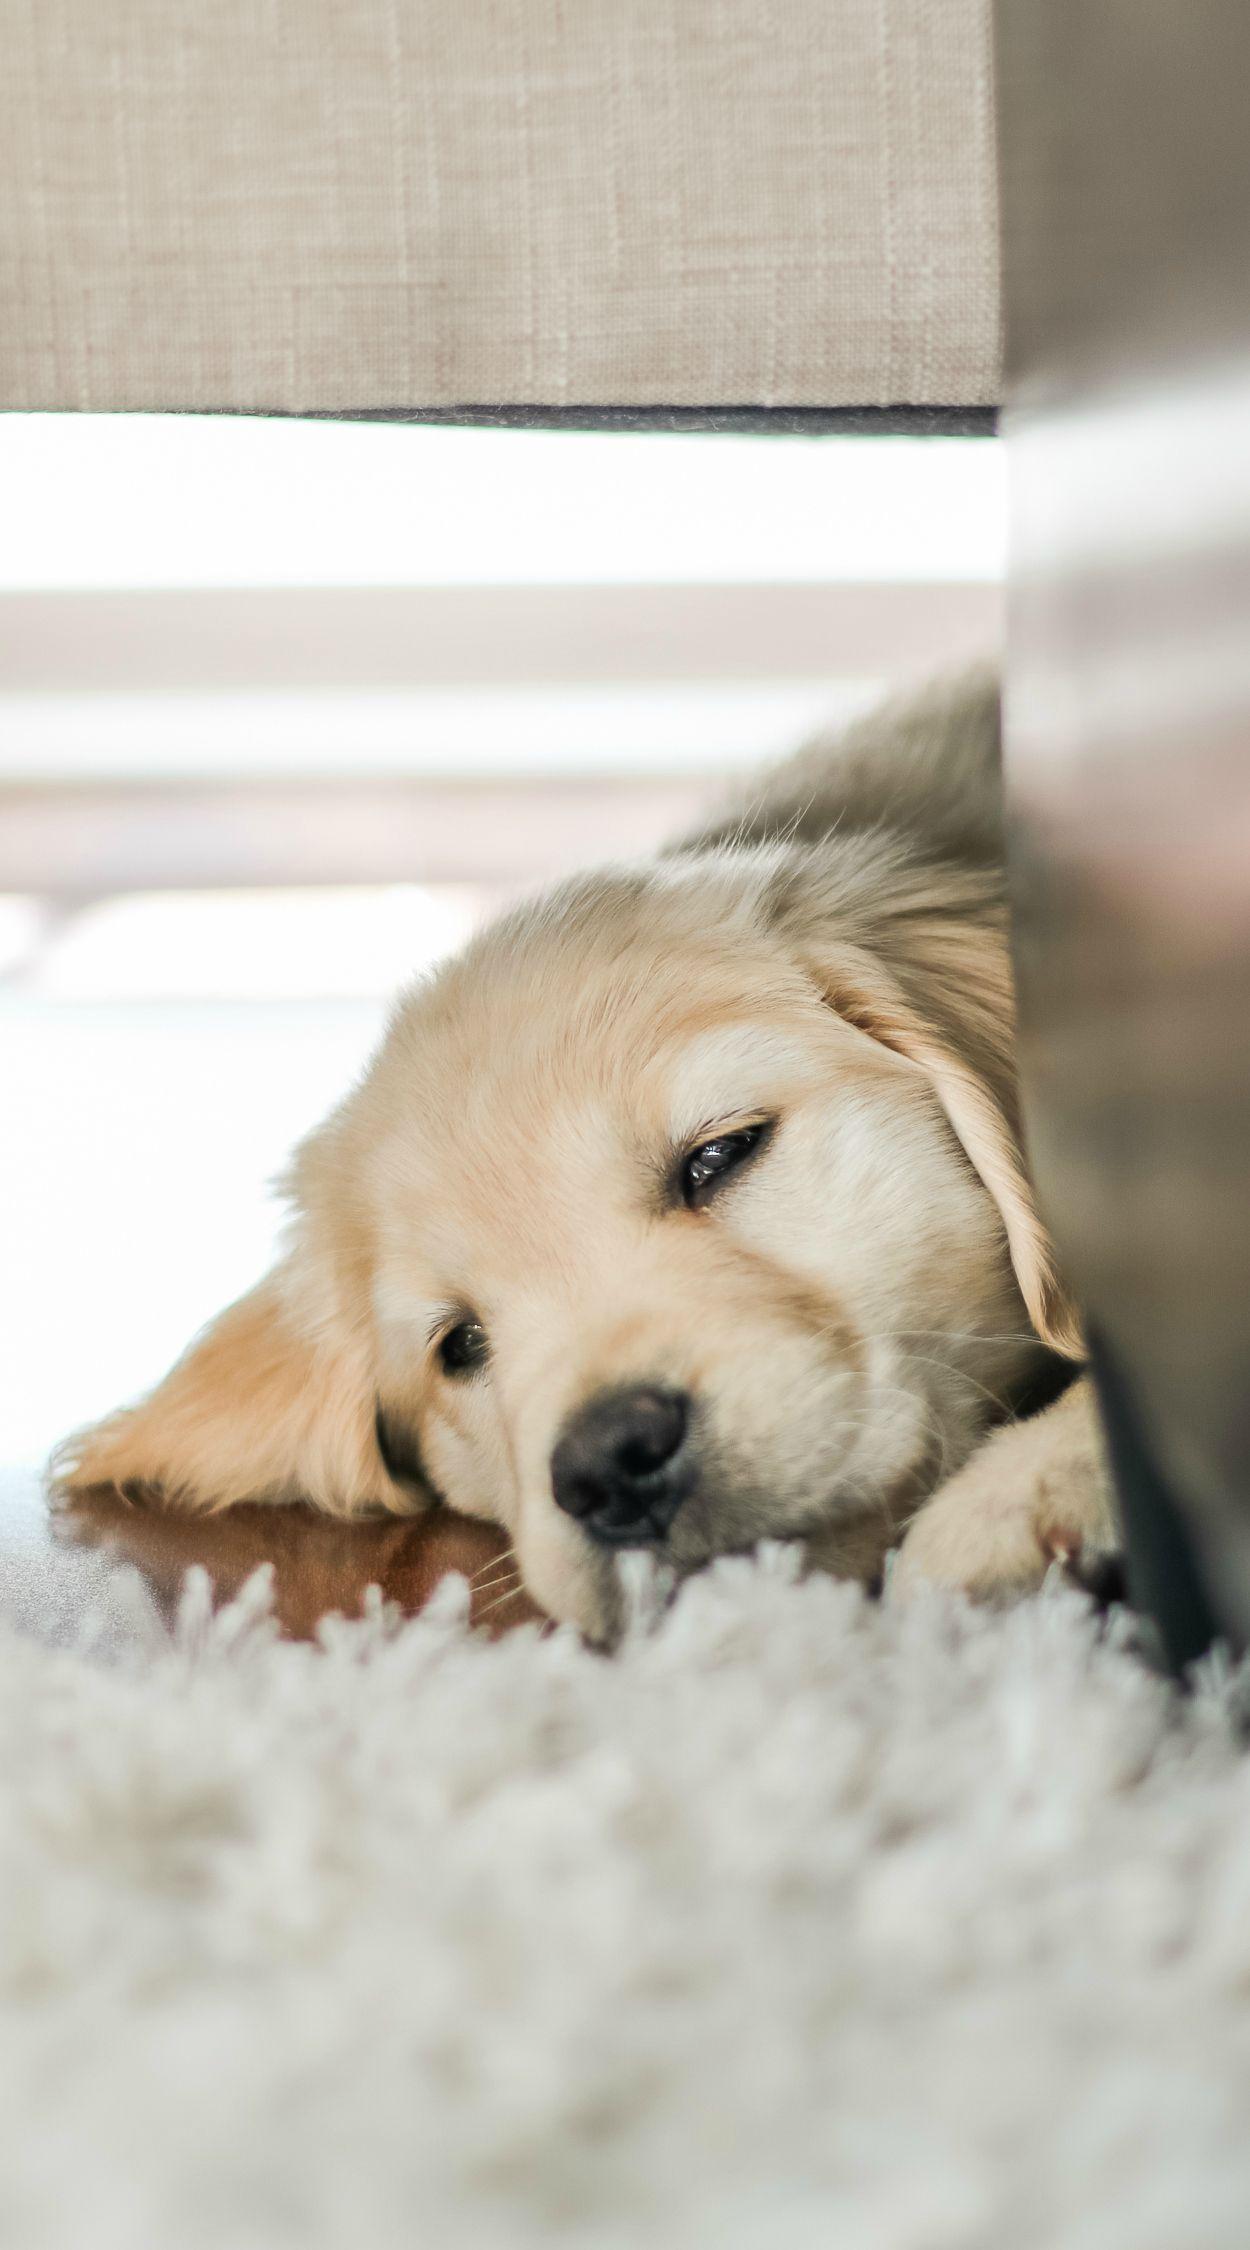 The World S Cutest Little Golden Retriever Puppy She S Half